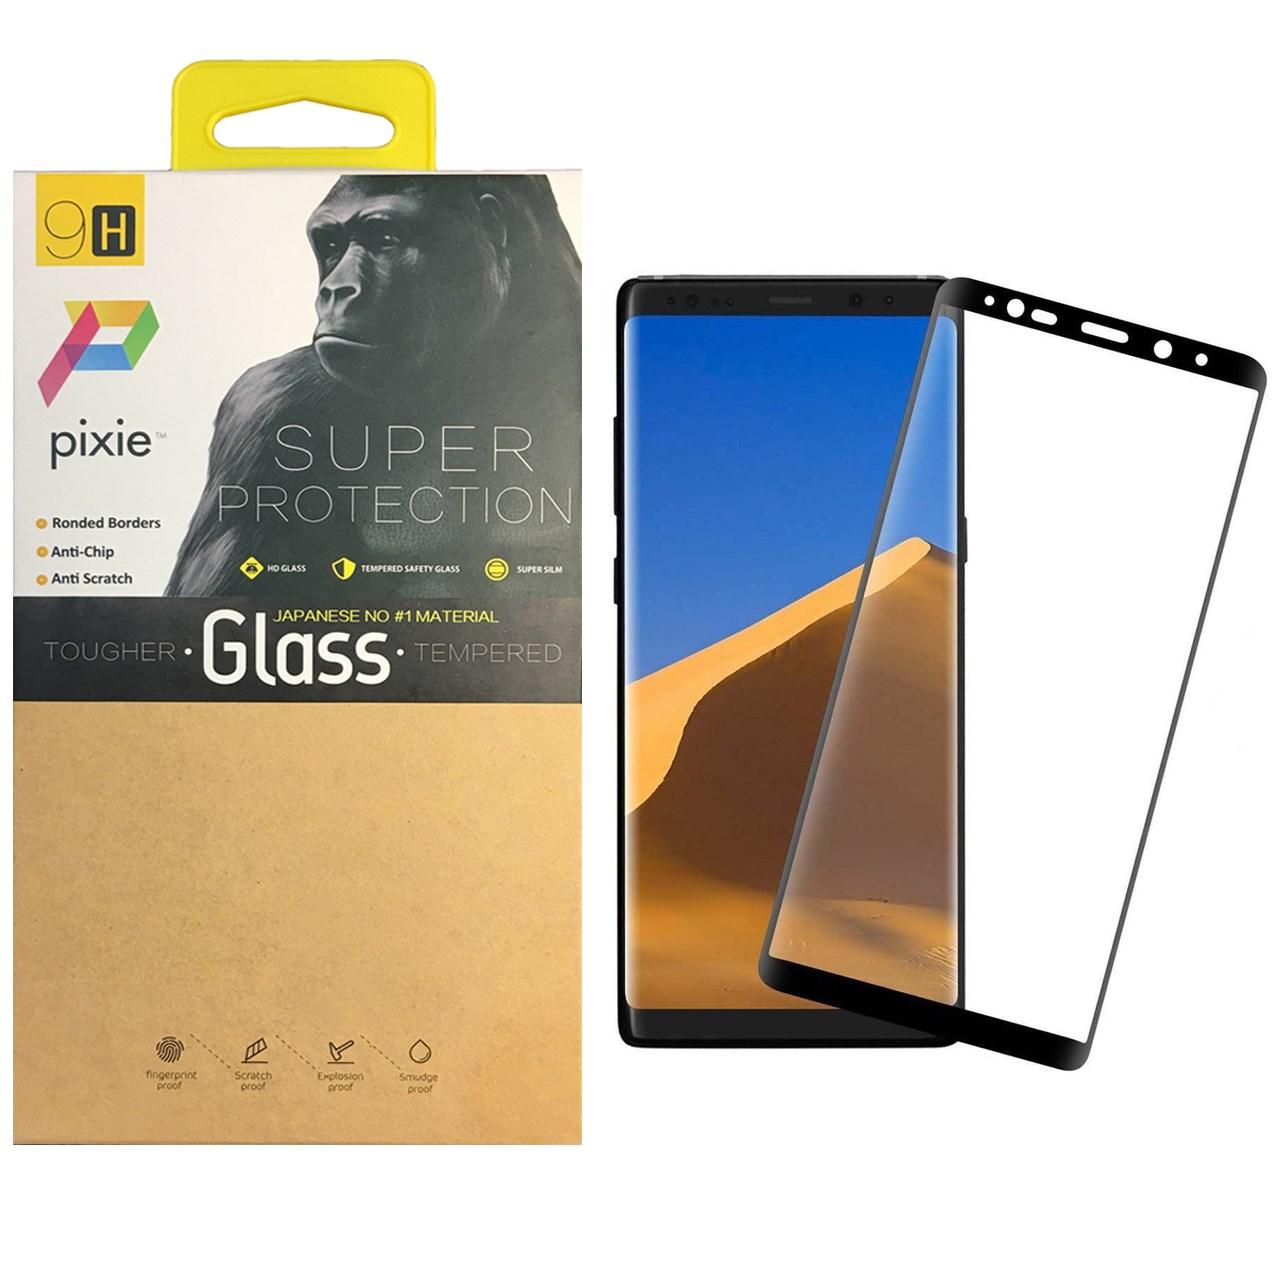 محافظ صفحه نمایش  تمام چسب شیشه ای پیکسی مدل 3D  مناسب برای گوشی سامسونگ Note 8